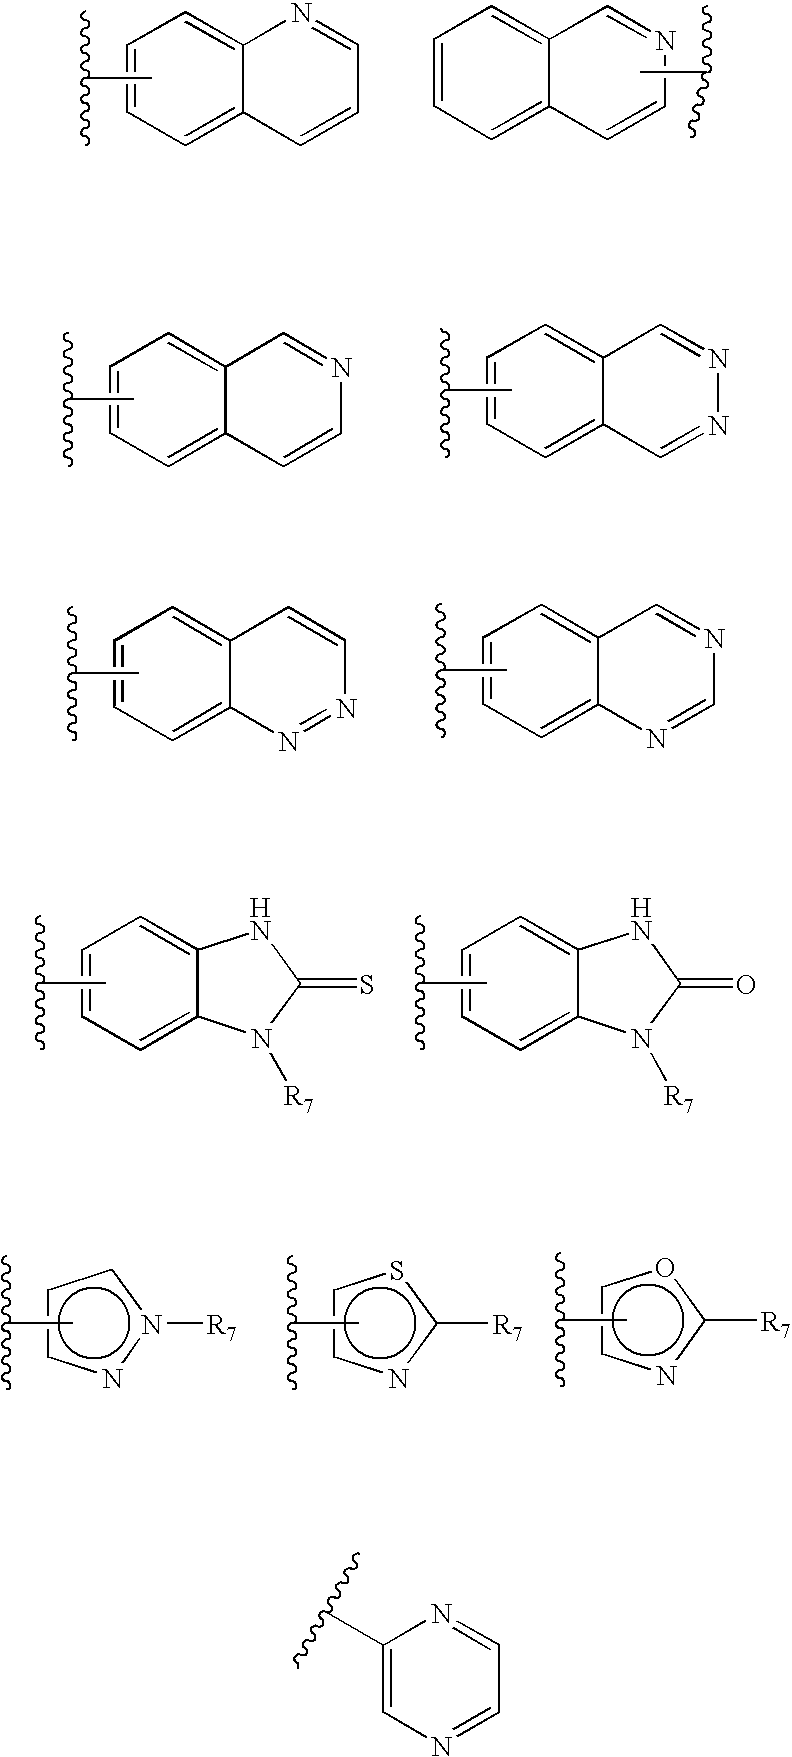 Figure US20060189617A1-20060824-C00062